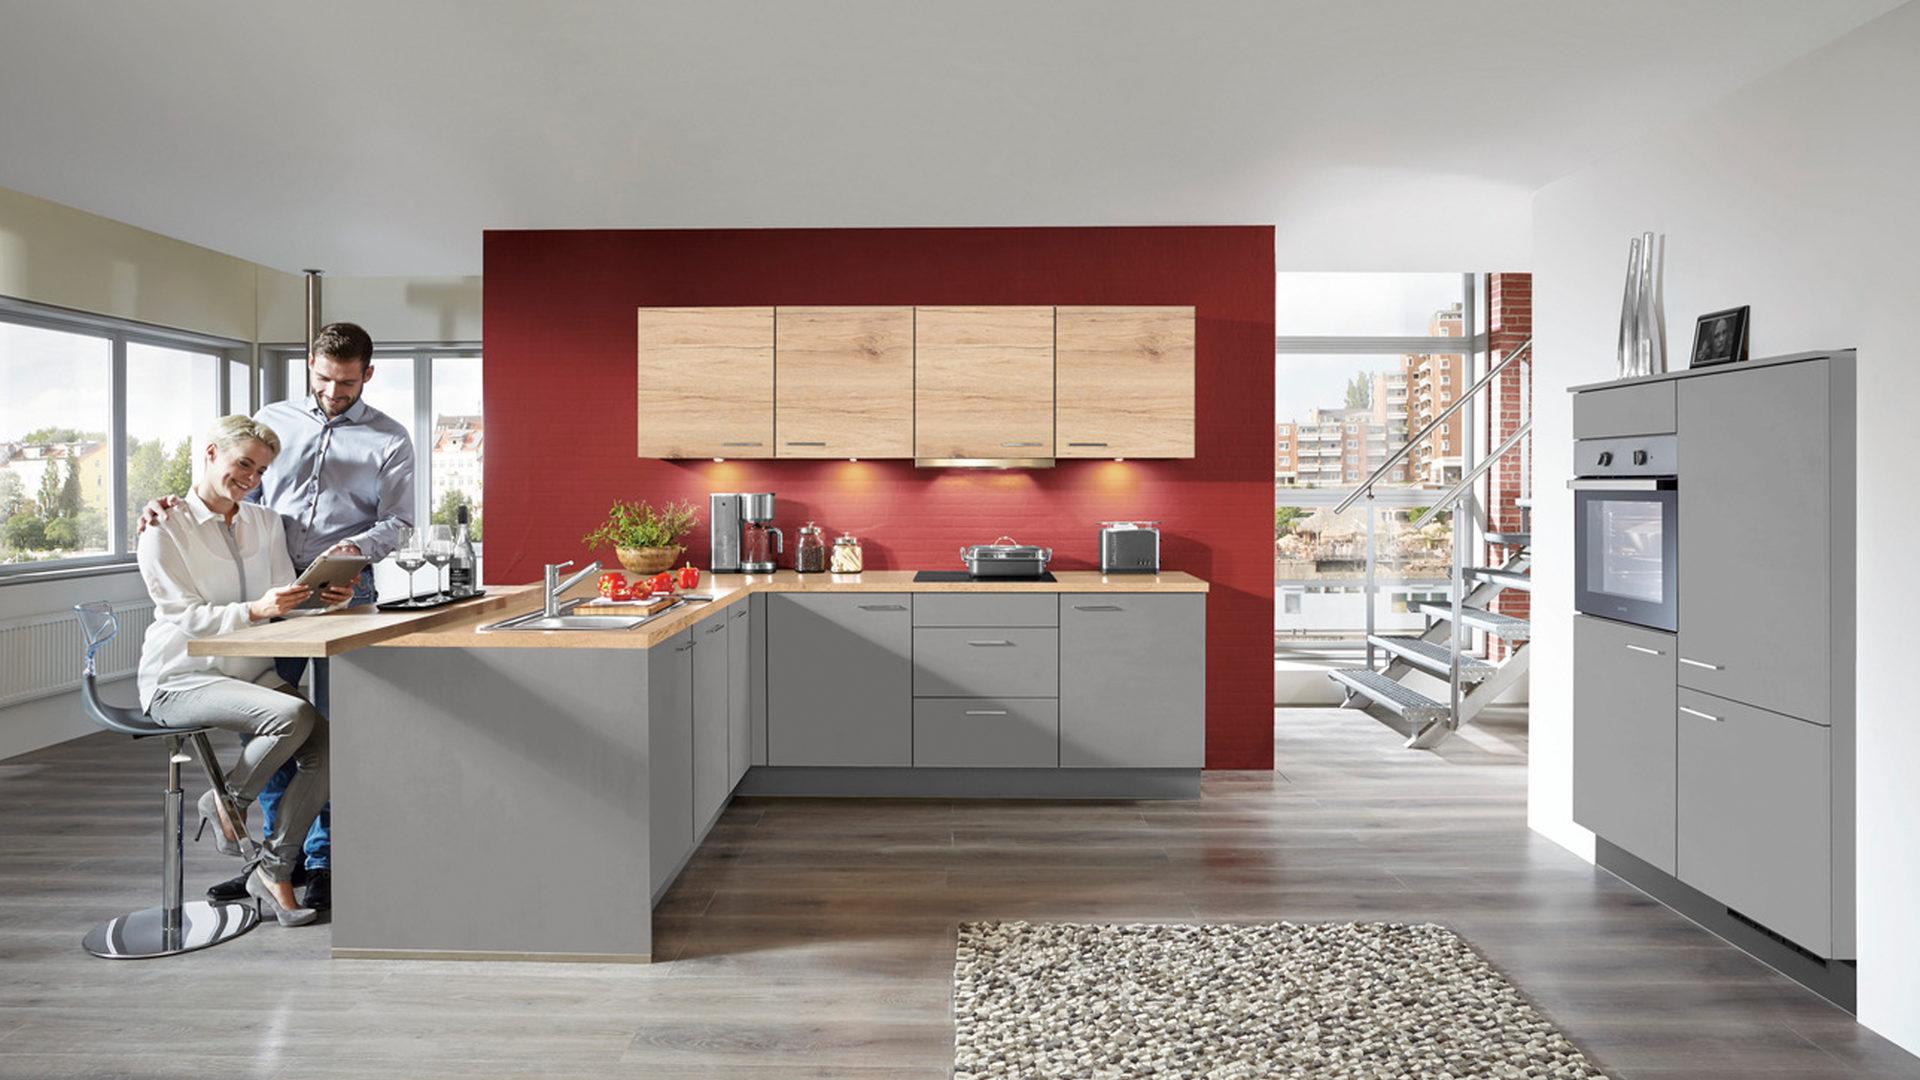 Niedlich Best Blau Grau Lackfarbe Küche Fotos - Ideen Für Die Küche ...